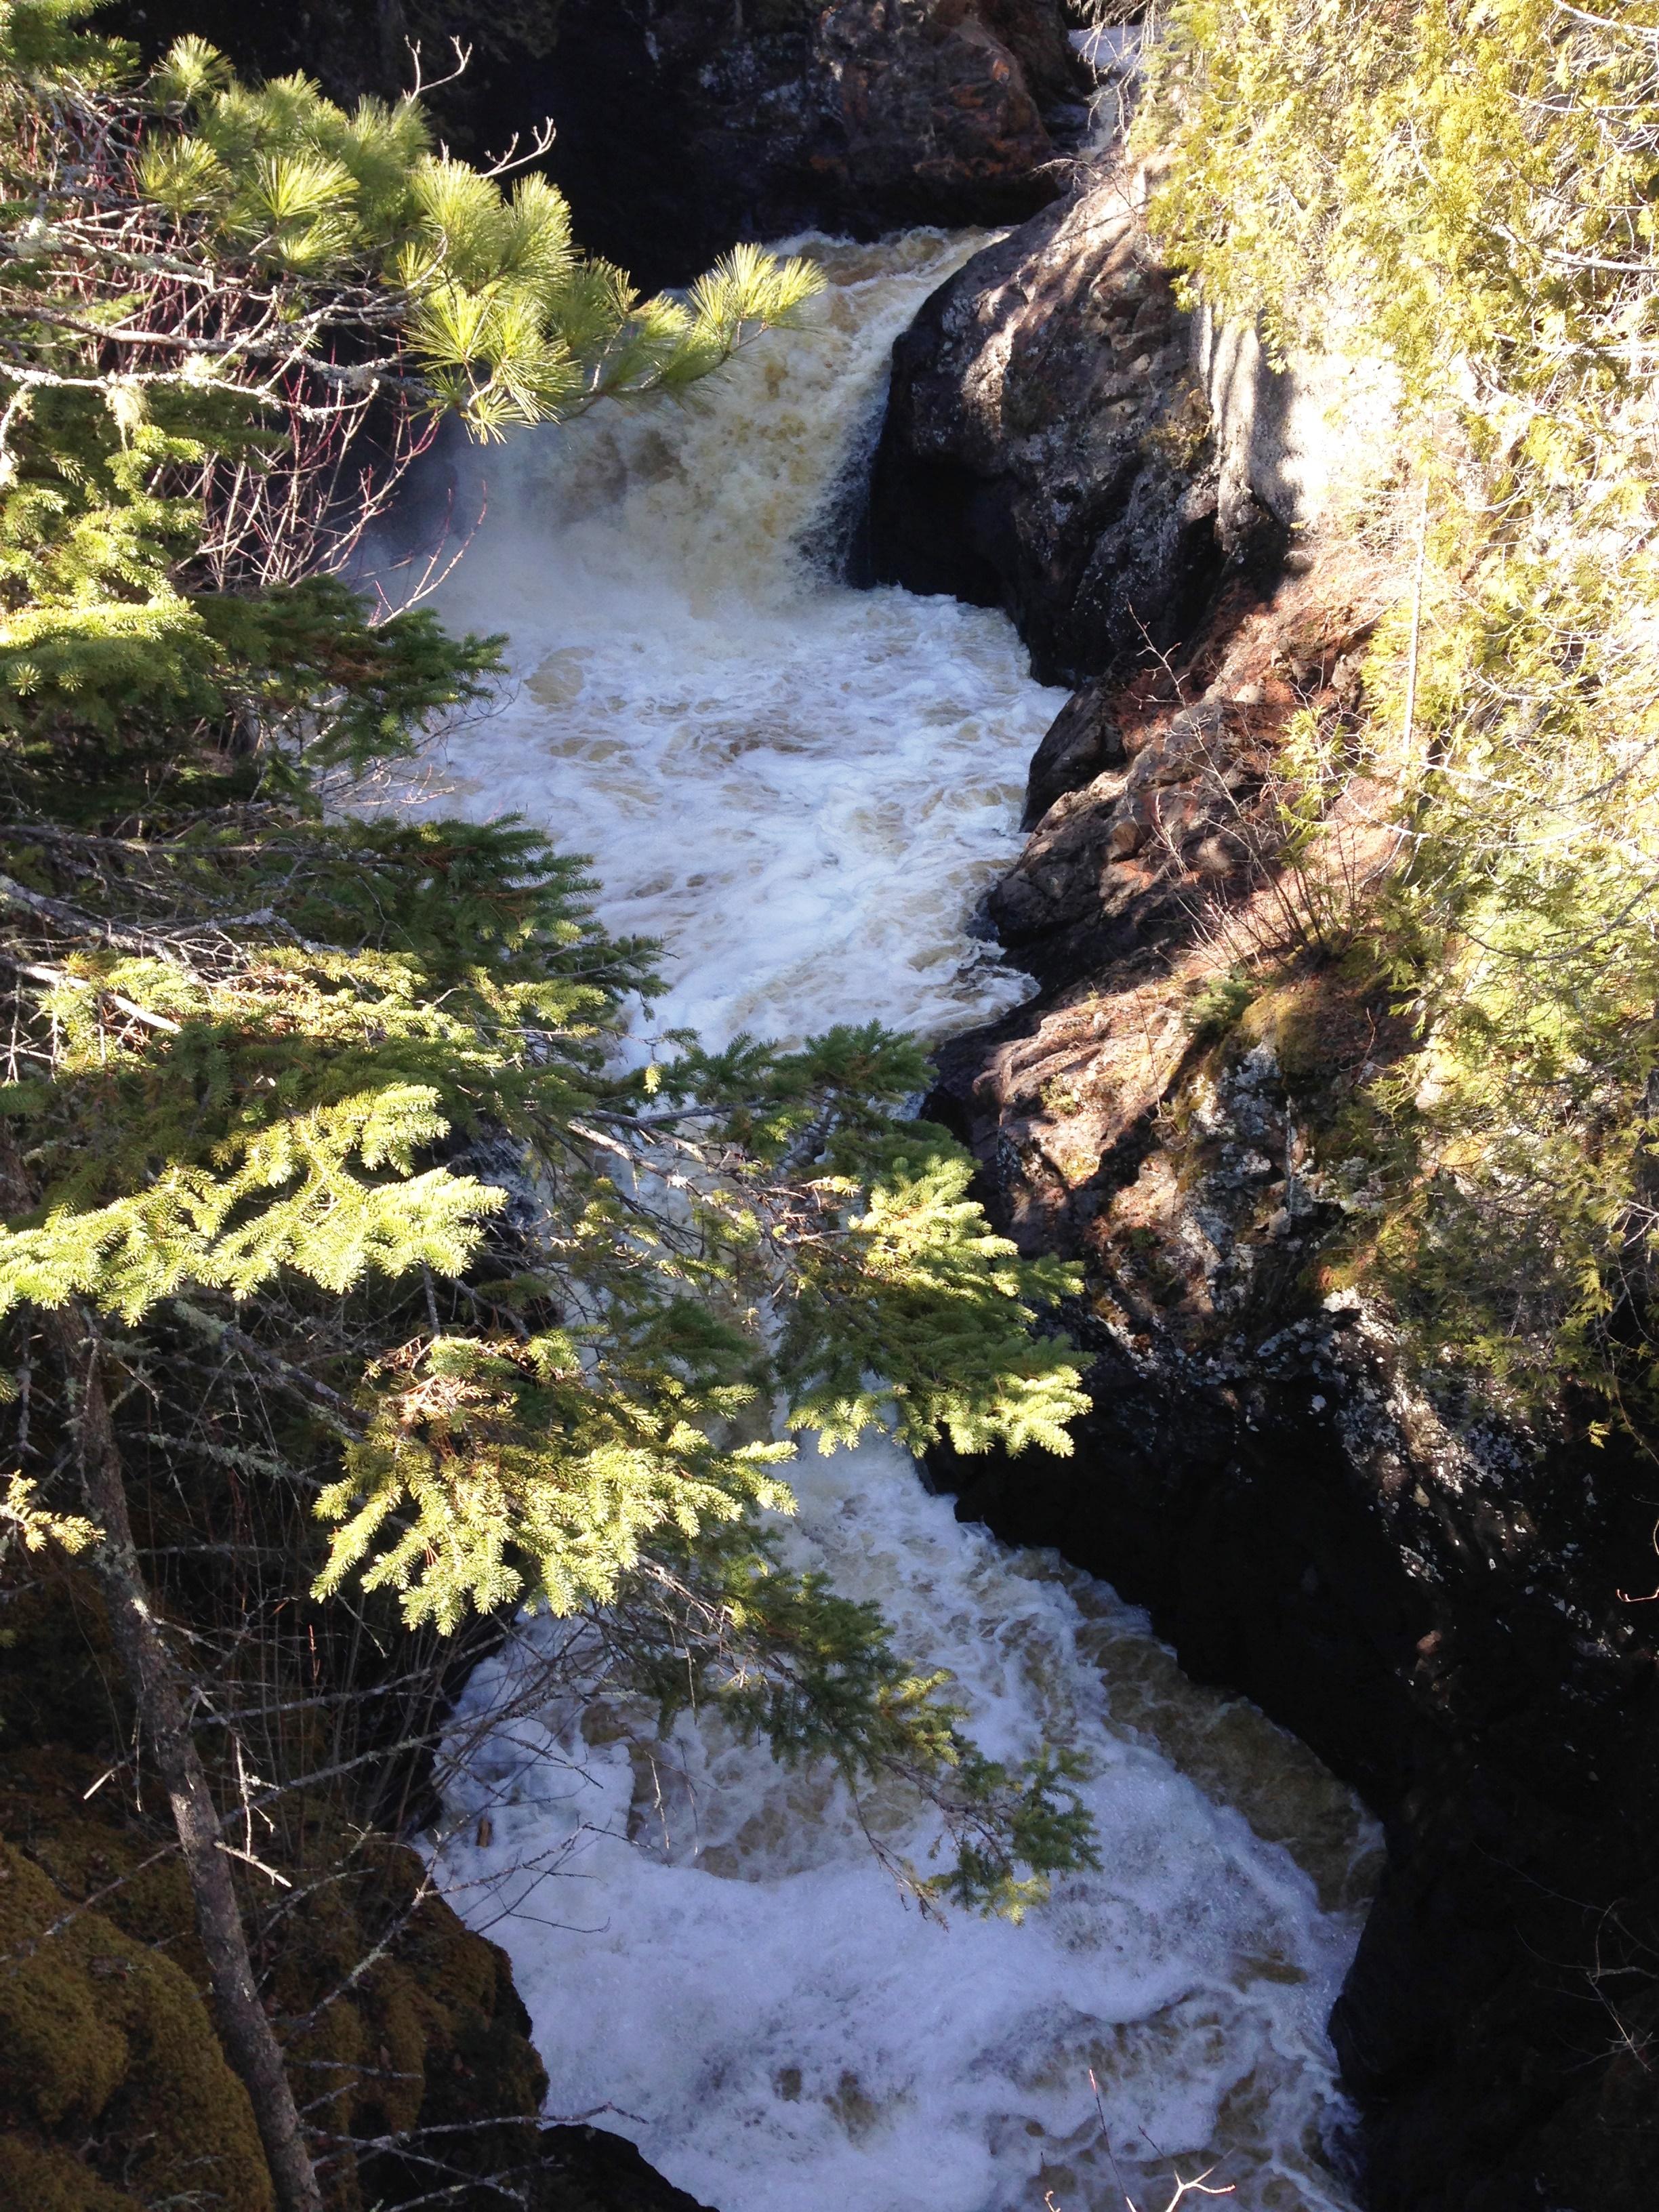 Cascade-hike